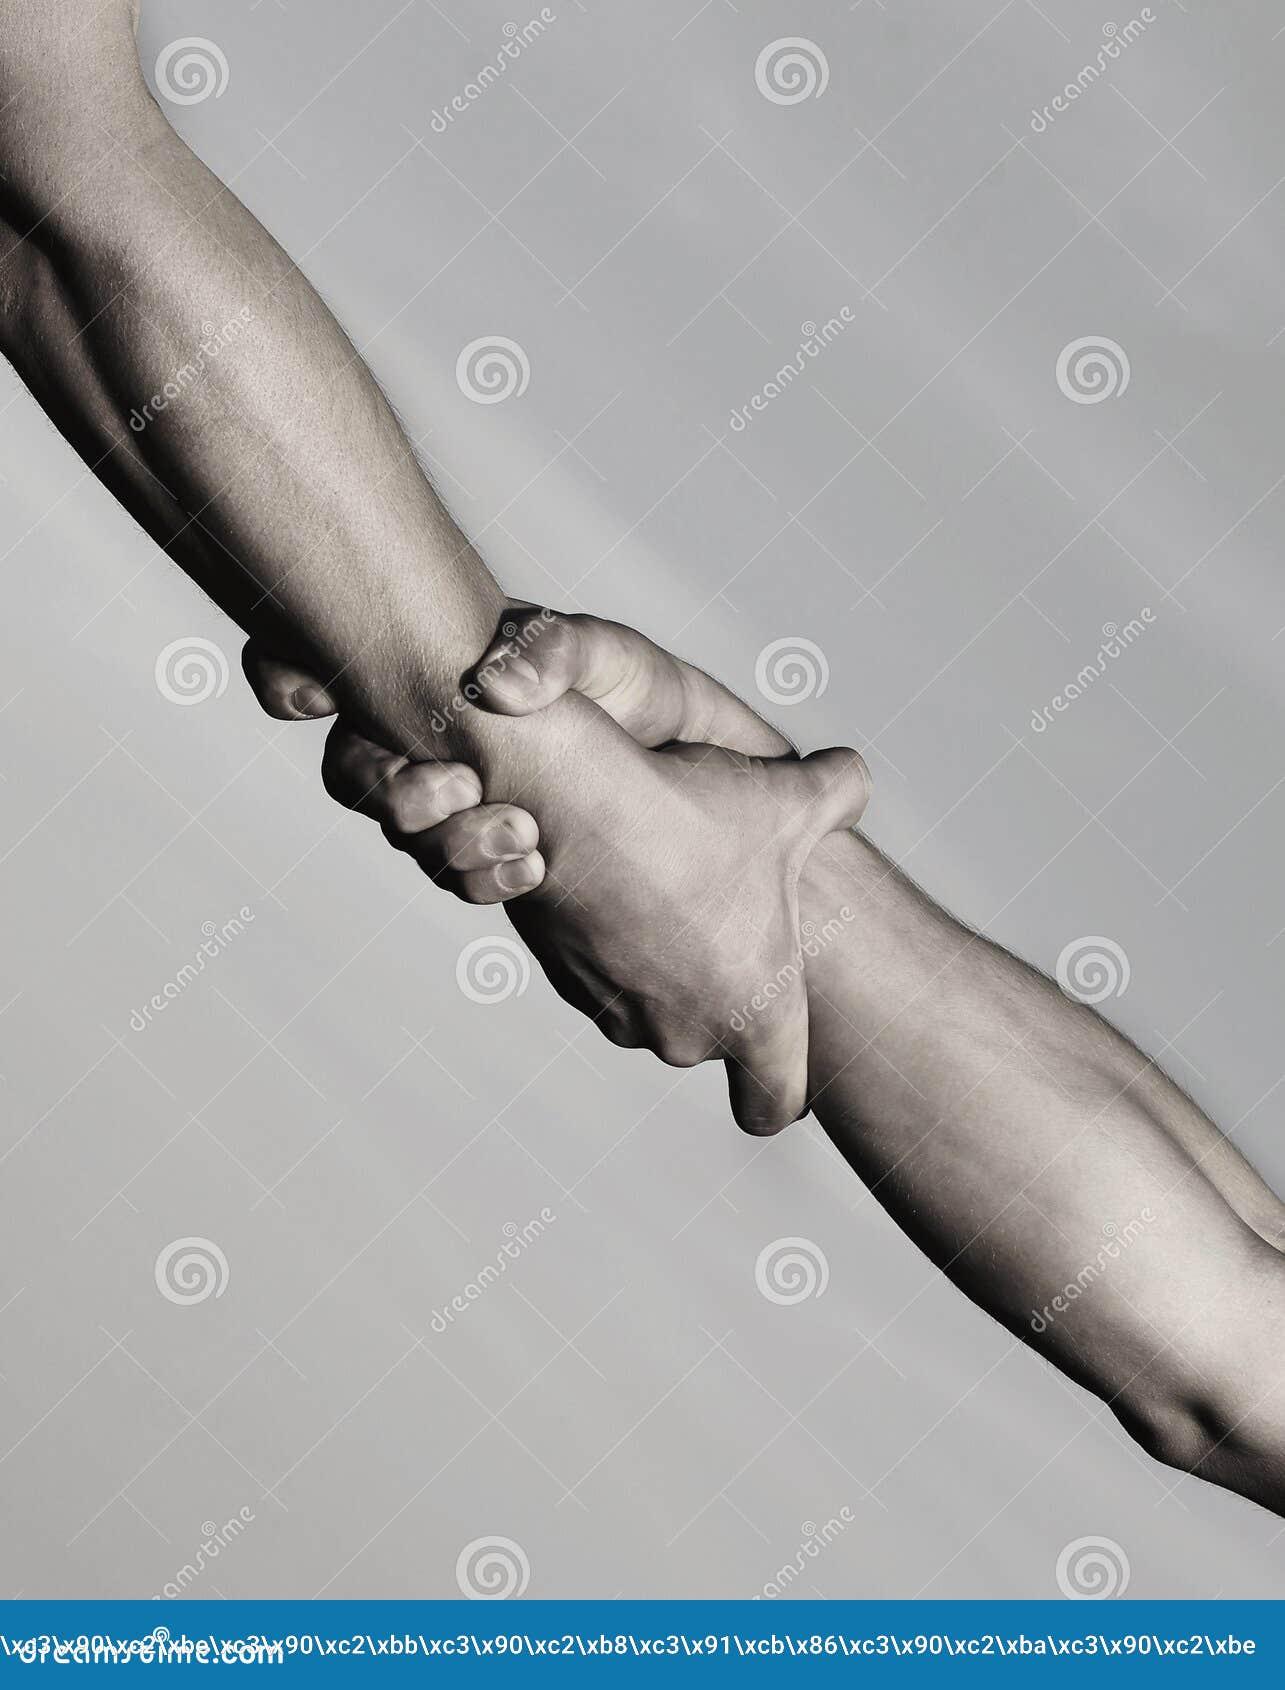 Twee handen, die hand van een vriend helpen Redding, die gebaar of handen helpen Sterke greep Handdruk, wapens, vriendschap